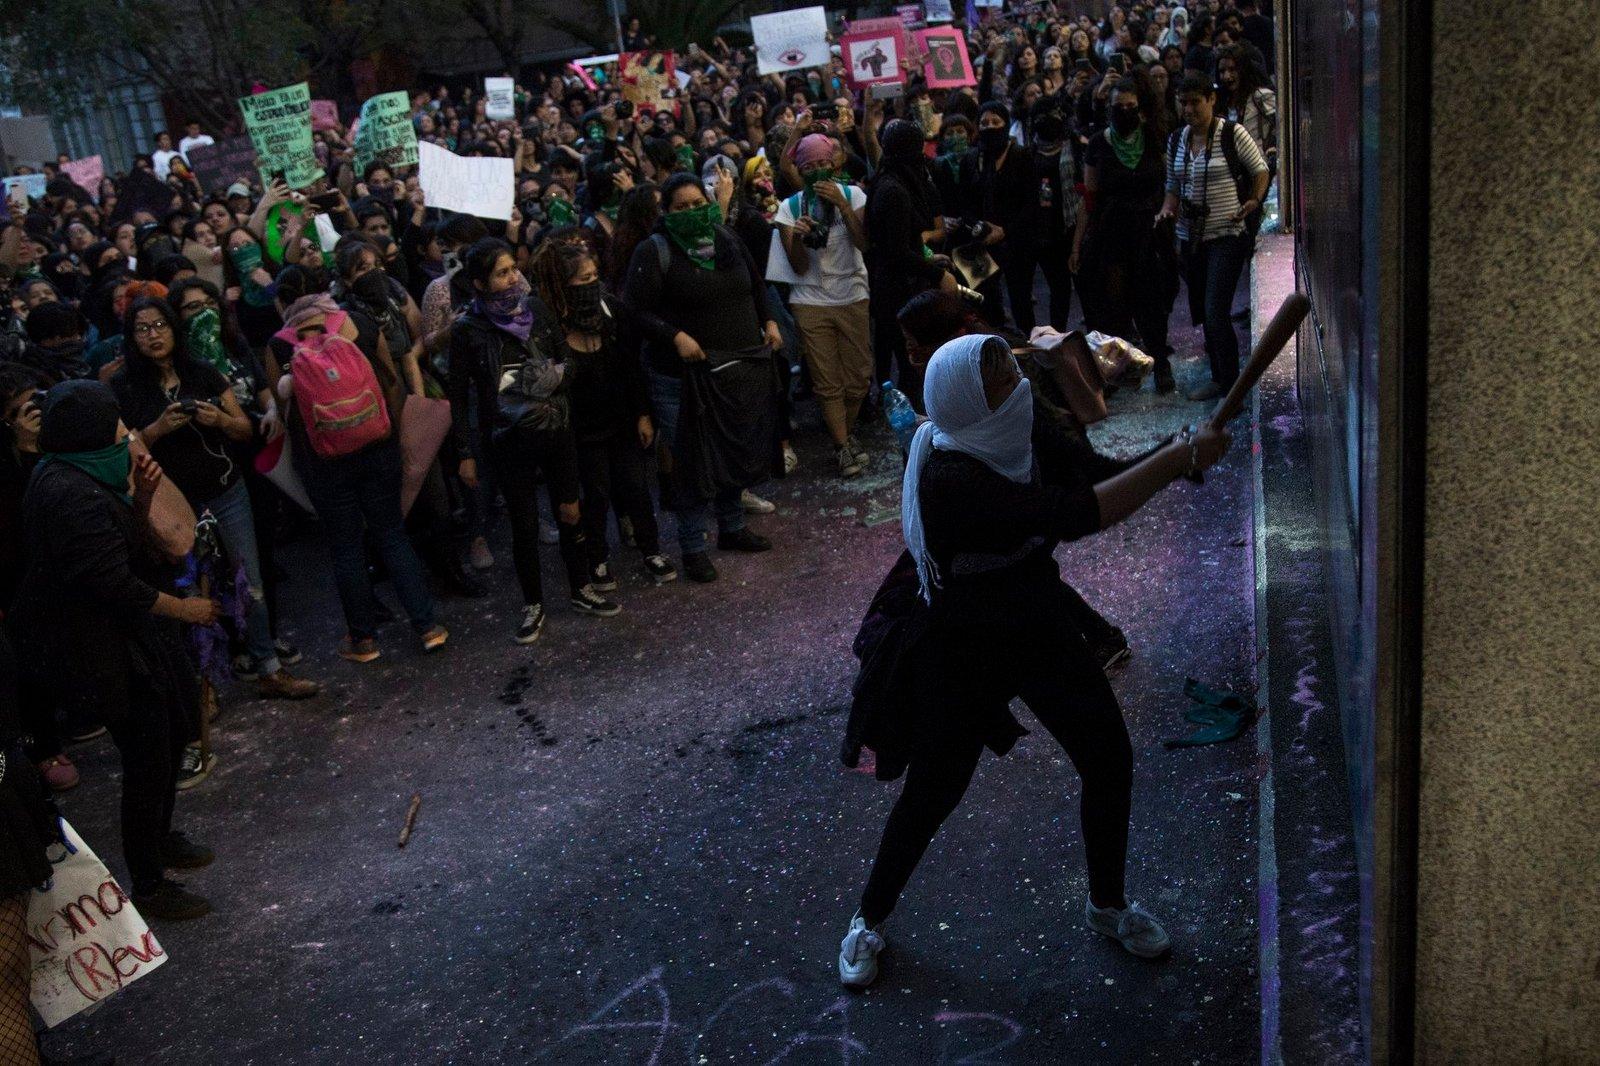 2019-08-16 Mexico Colère après viol par flics 09